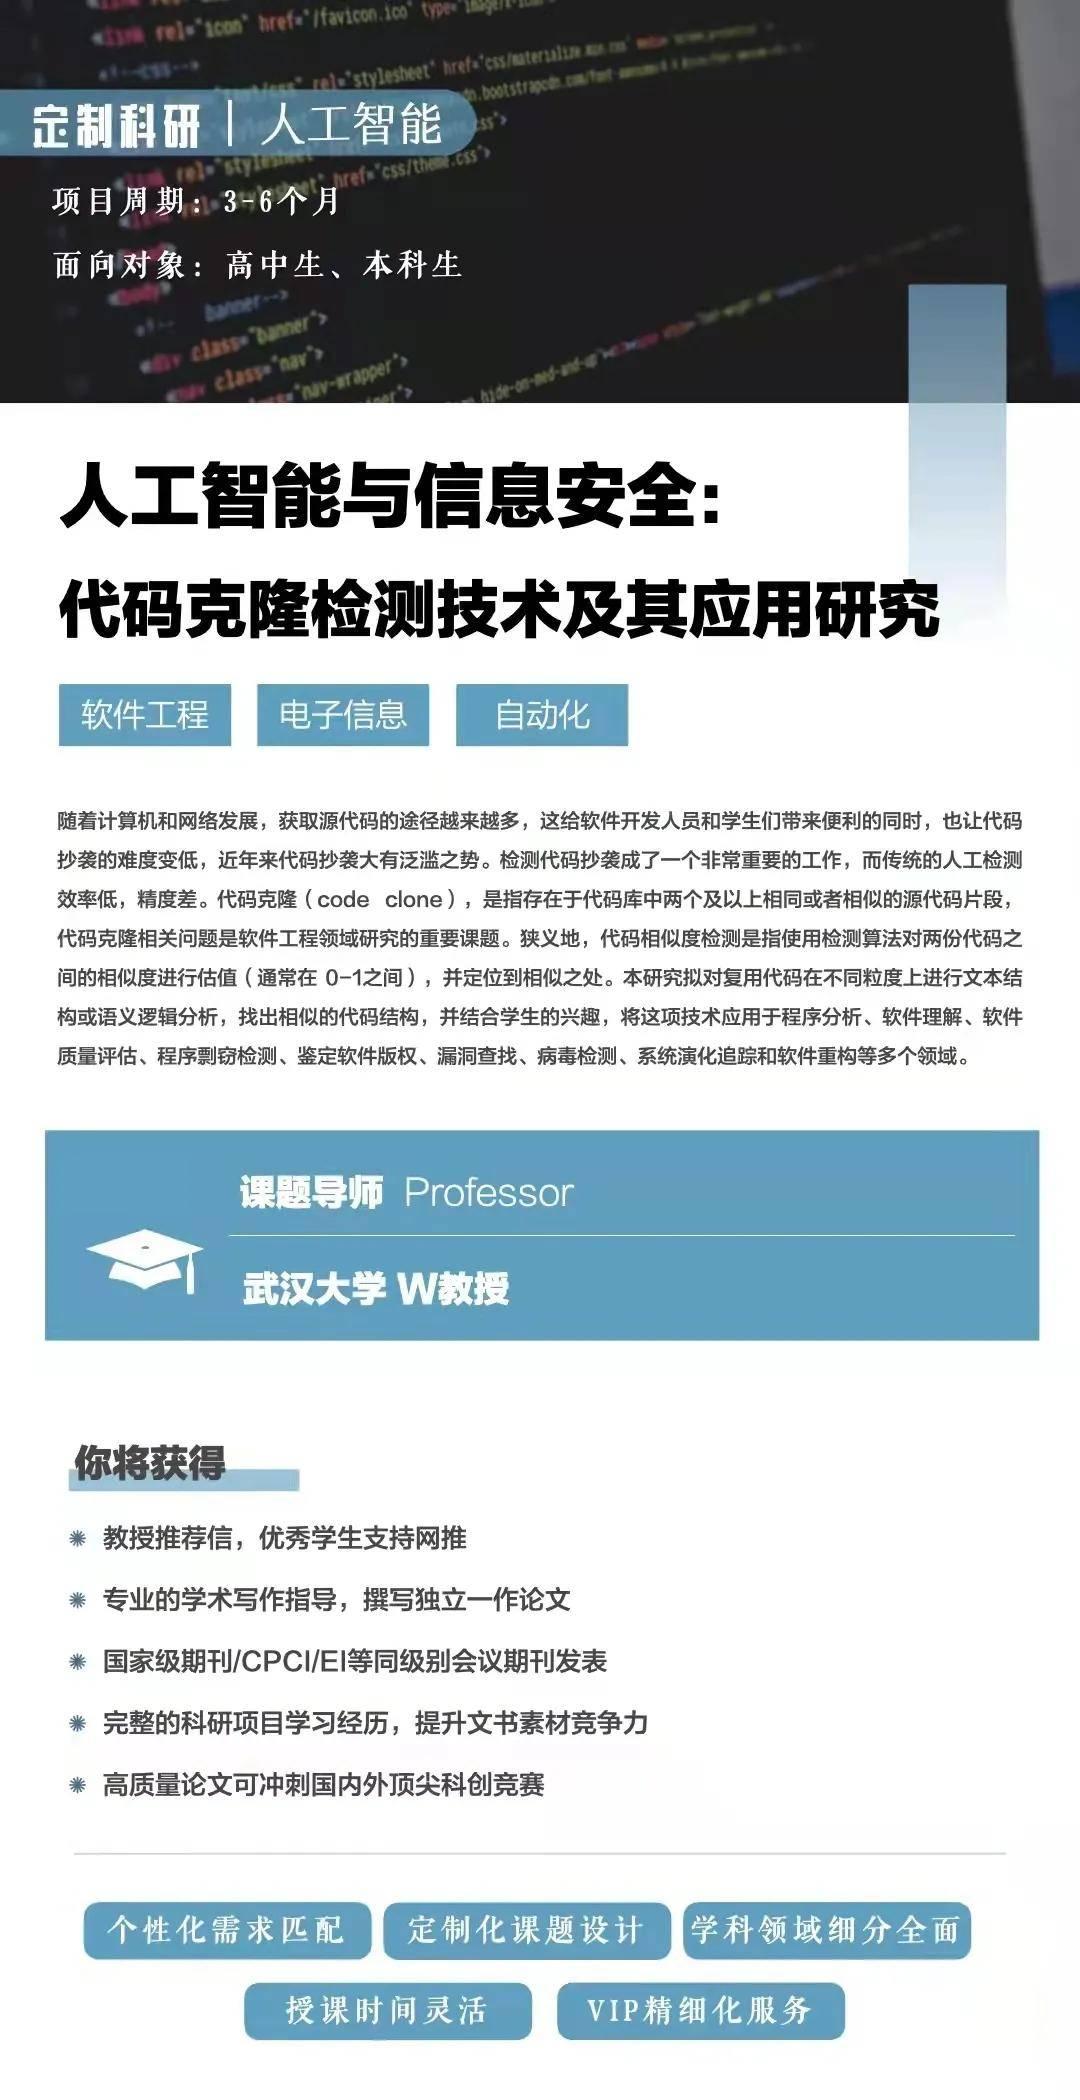 BGPLUS國內科研|武漢大學|人工智能與信息安全:代